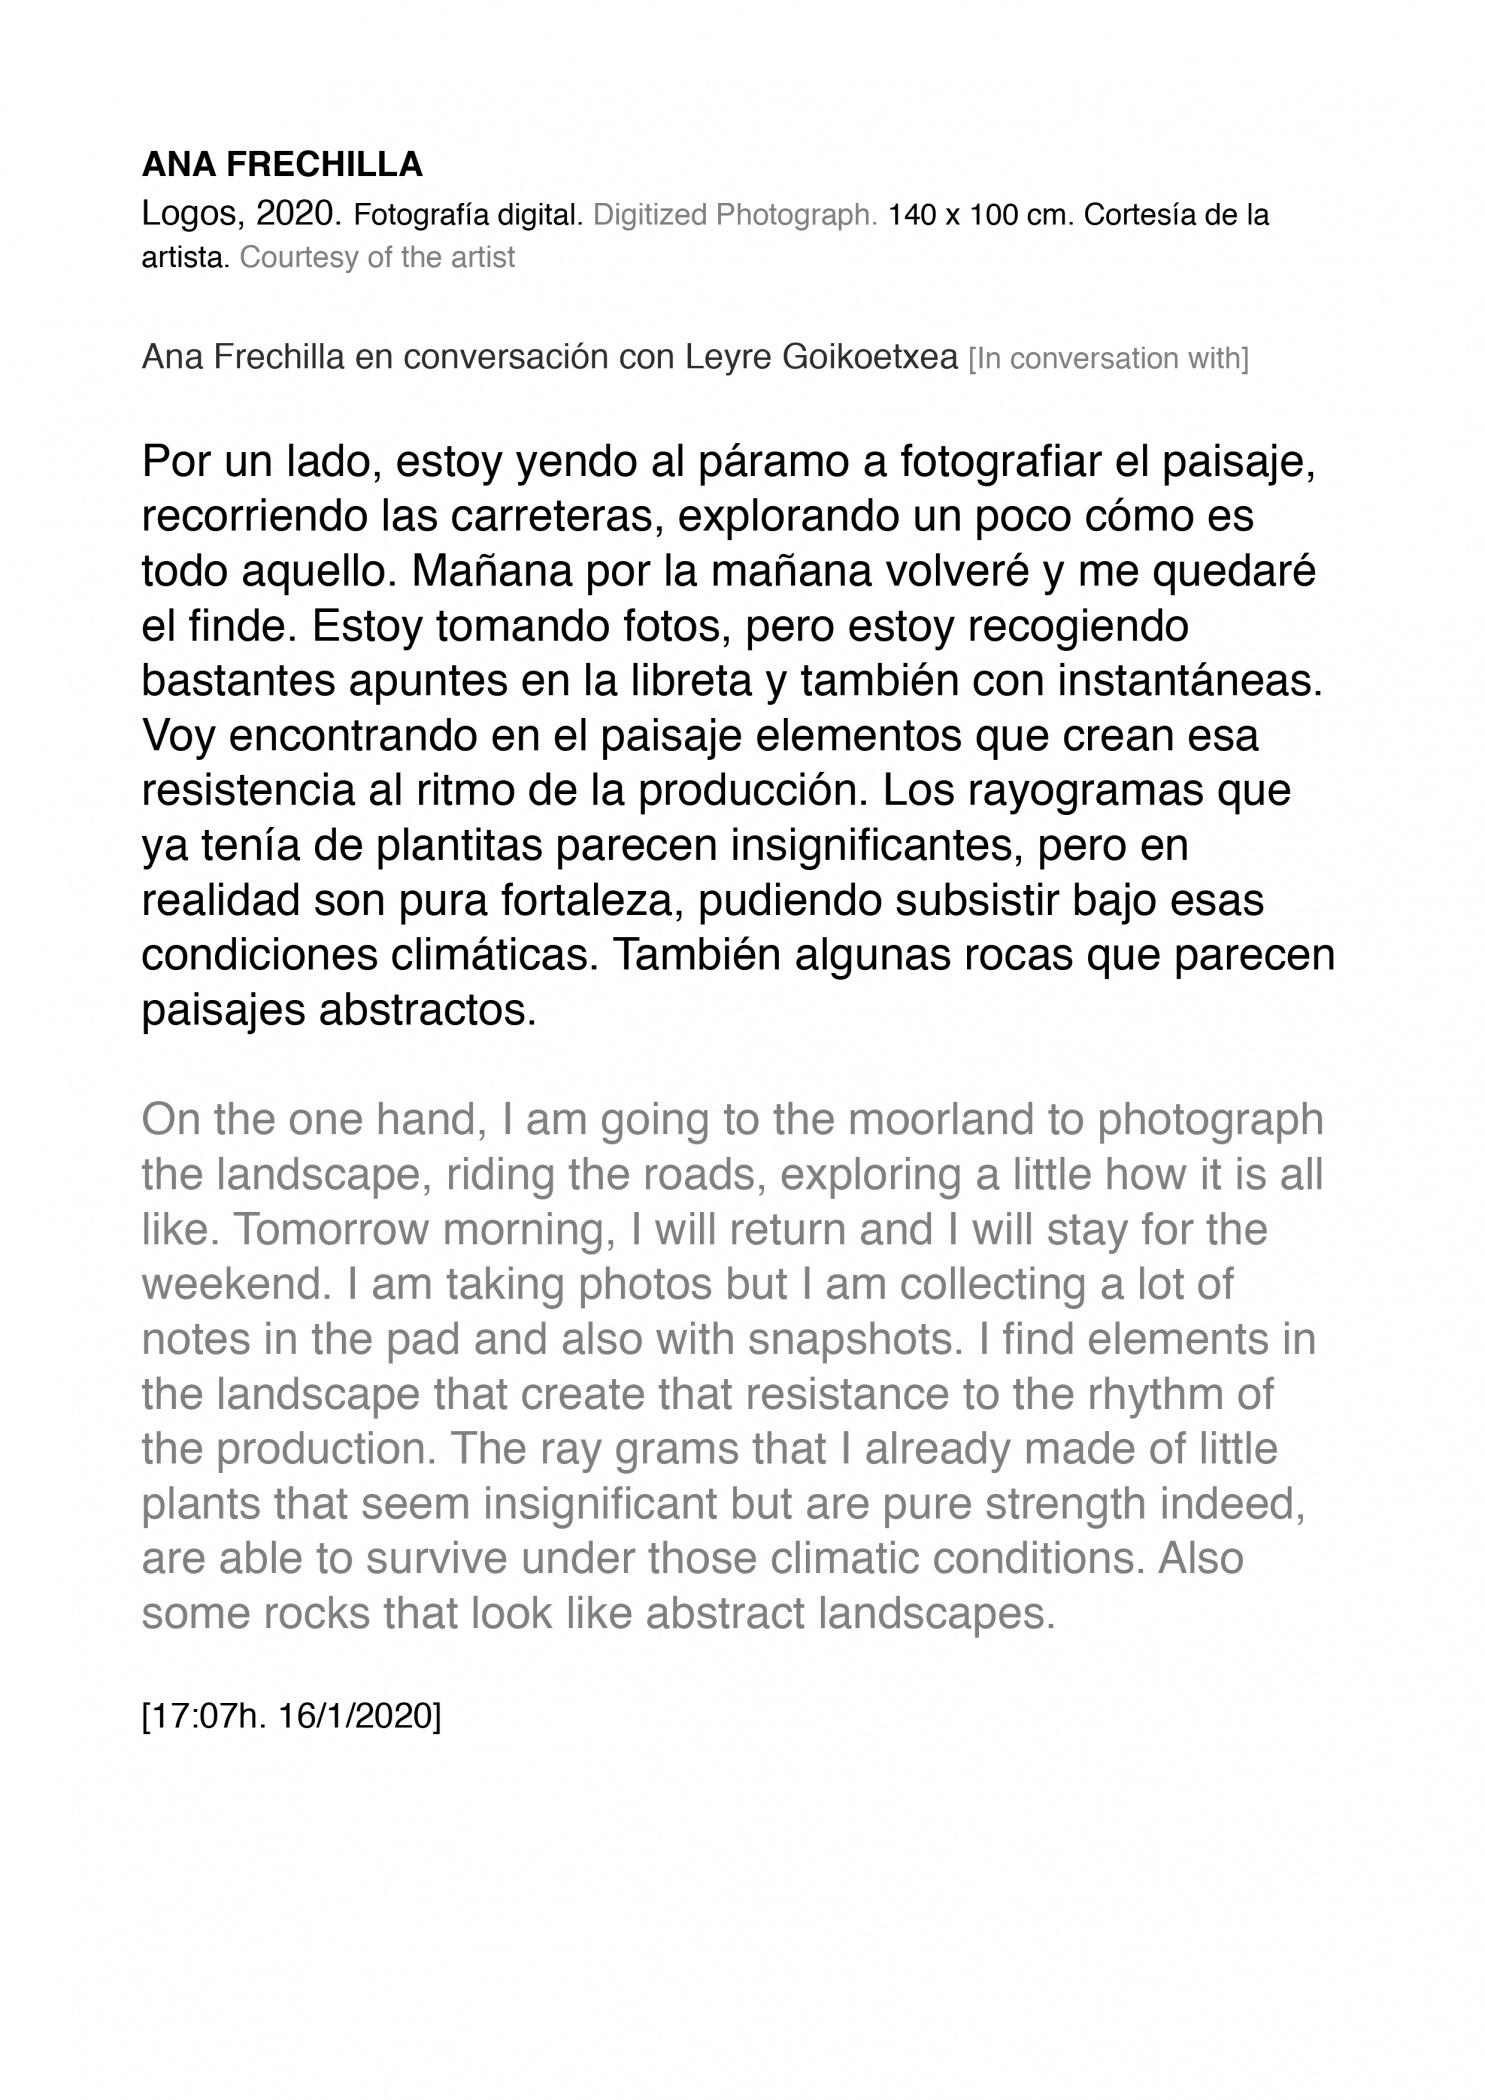 Intervalo lúcido. Consciencias del espacio (2020) - Ana Frechilla, Artes Visuales